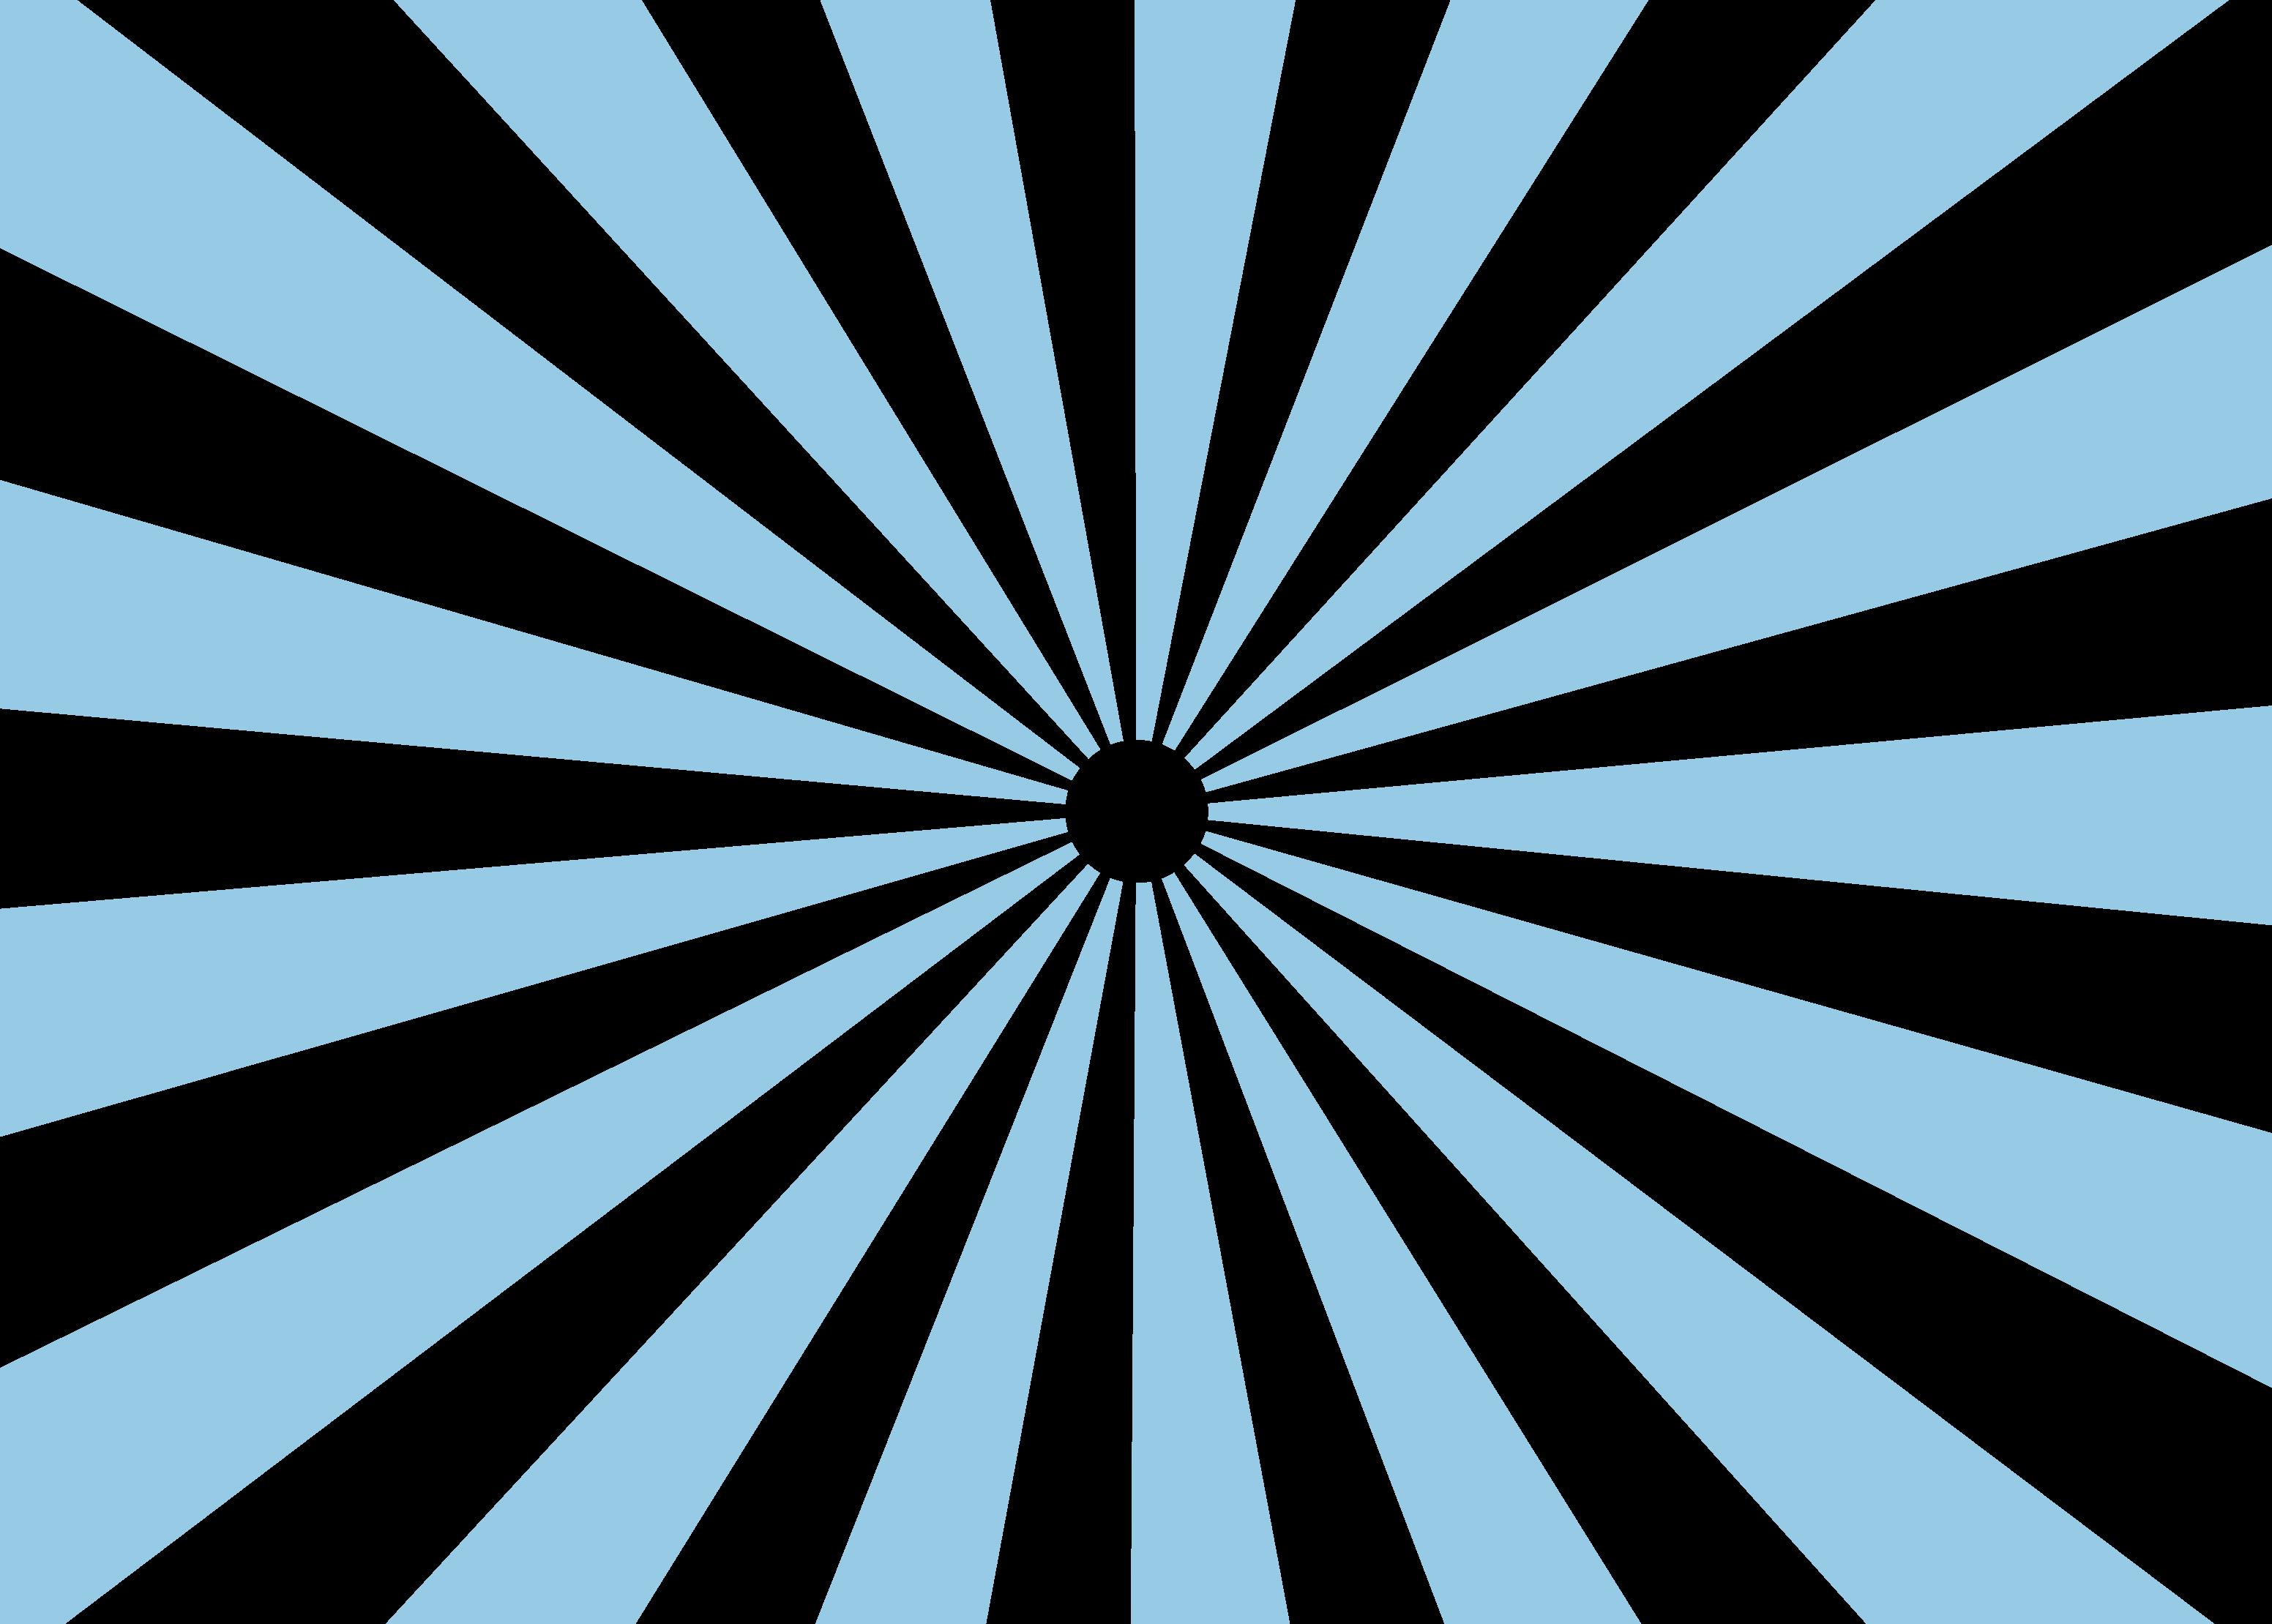 シンプル放射状(放射線)背景日の出風 / ピカピカにぎやか | 可愛い無料